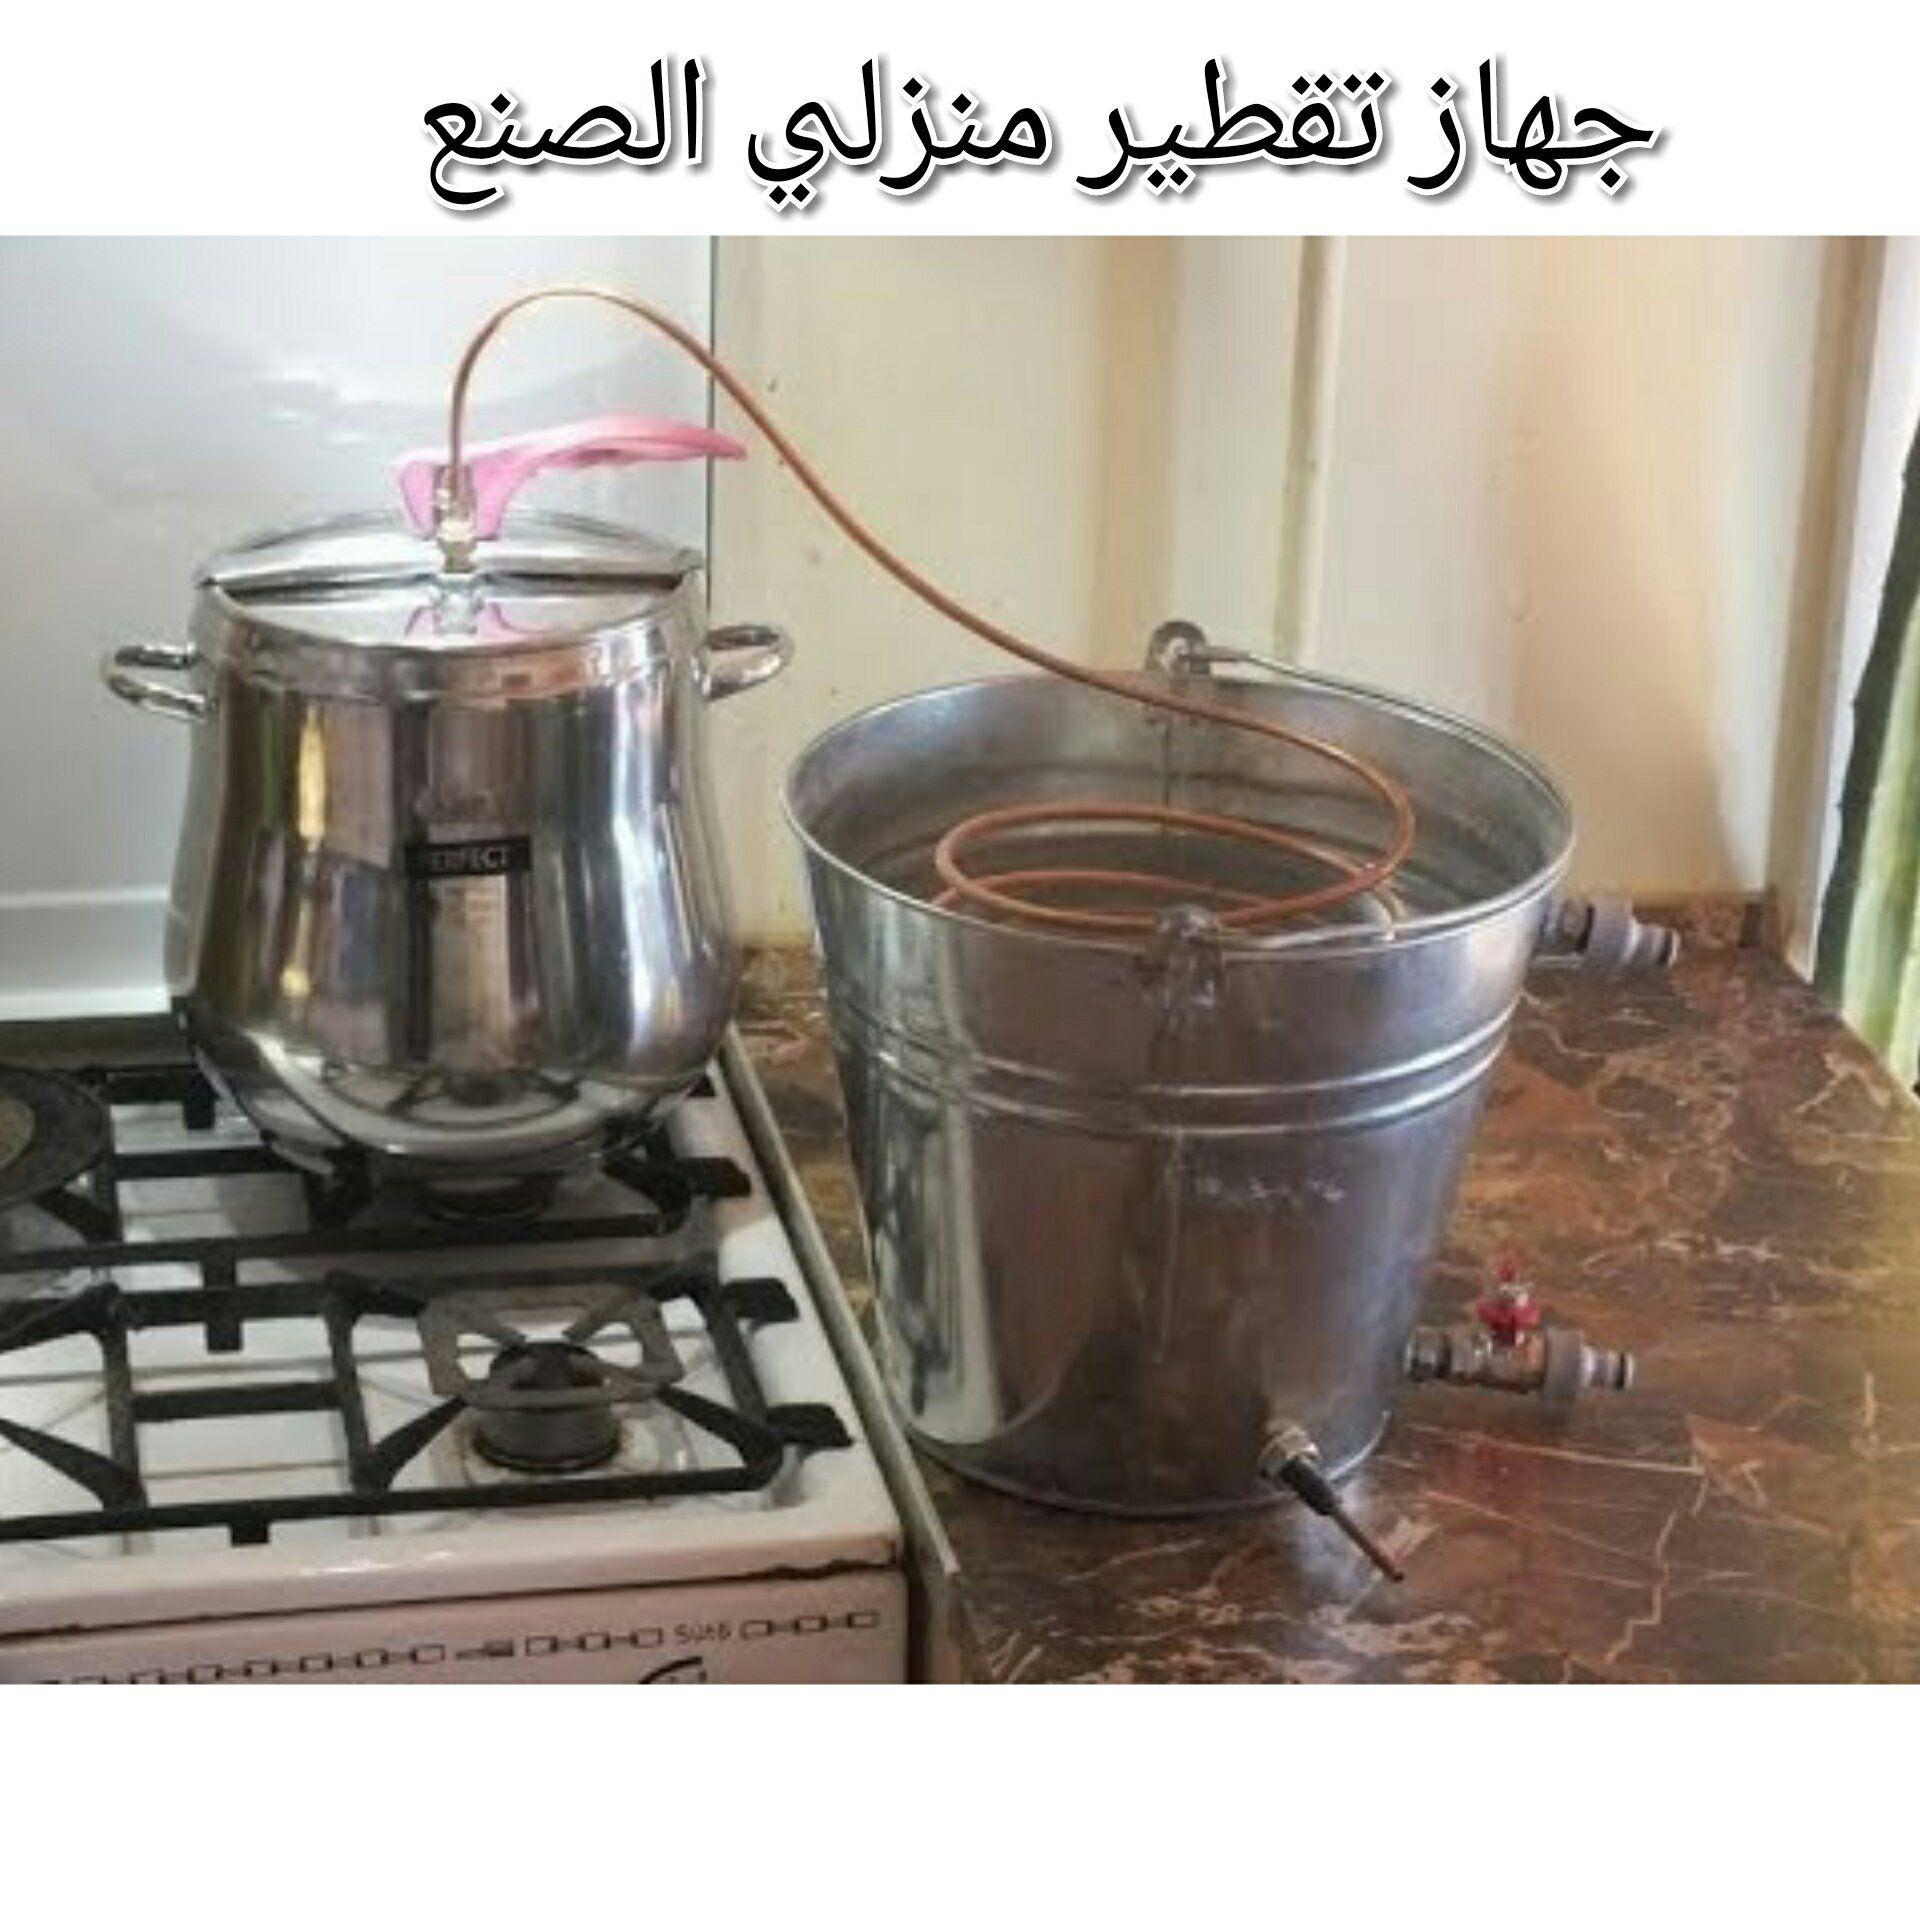 طريقة تحضير الزيوت العطرية Still Water Pure Water Homemade